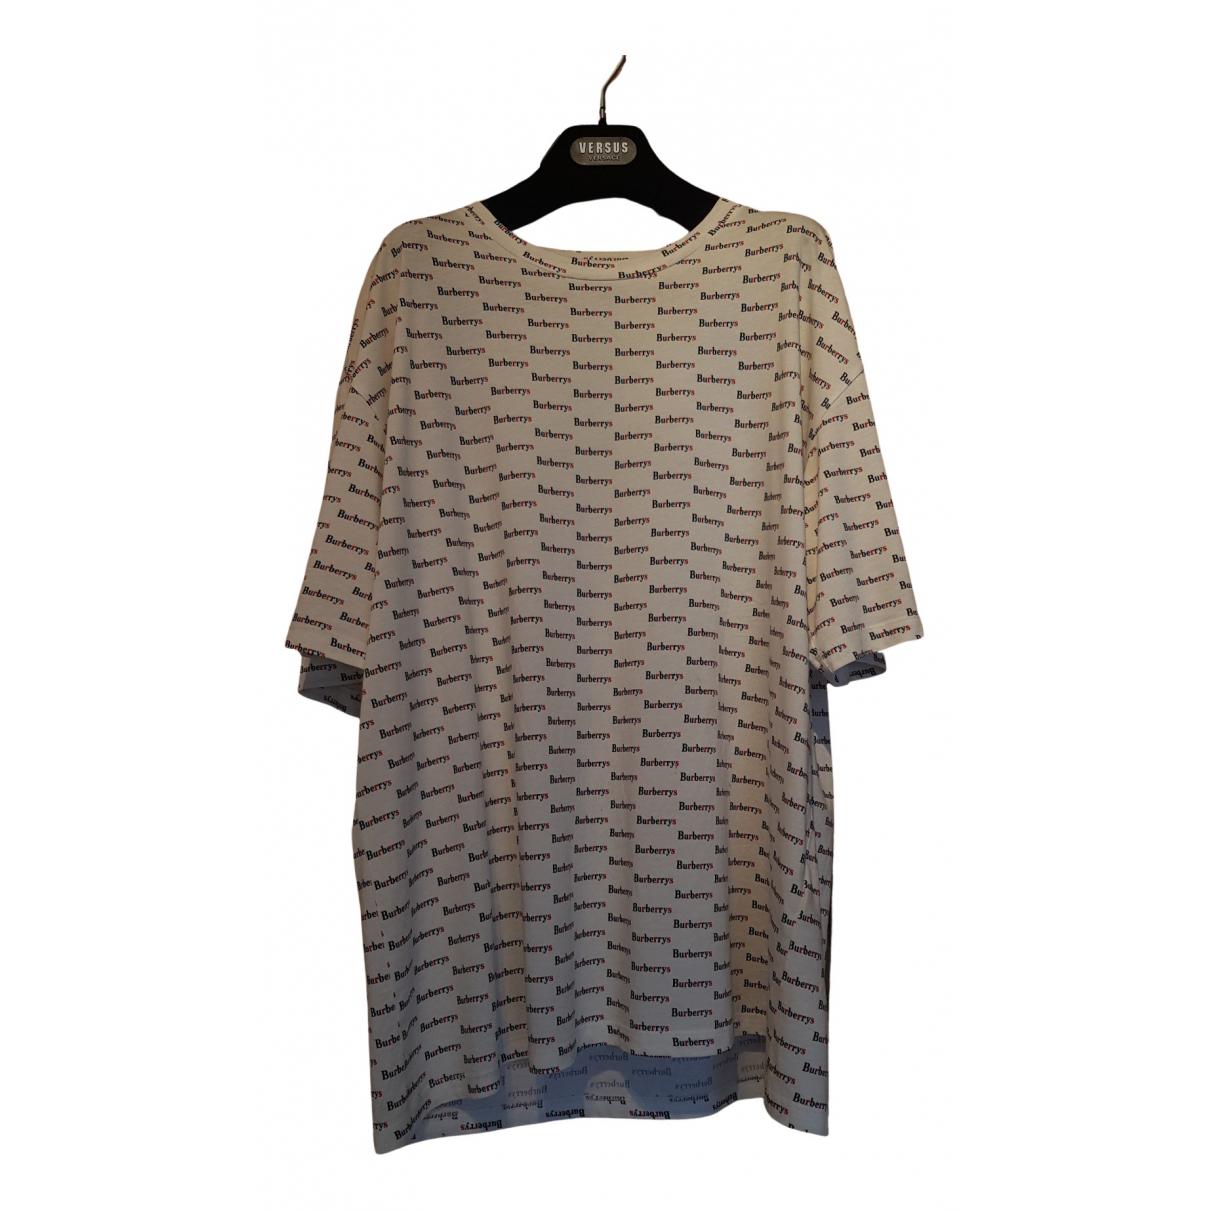 Burberry - Tee shirts   pour homme en coton - ecru